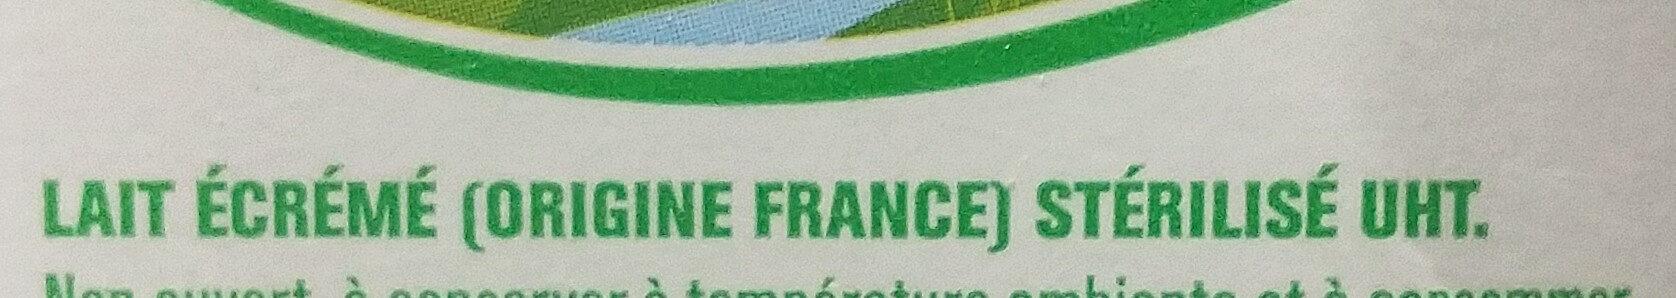 Lait écrémé - Ingrédients - fr